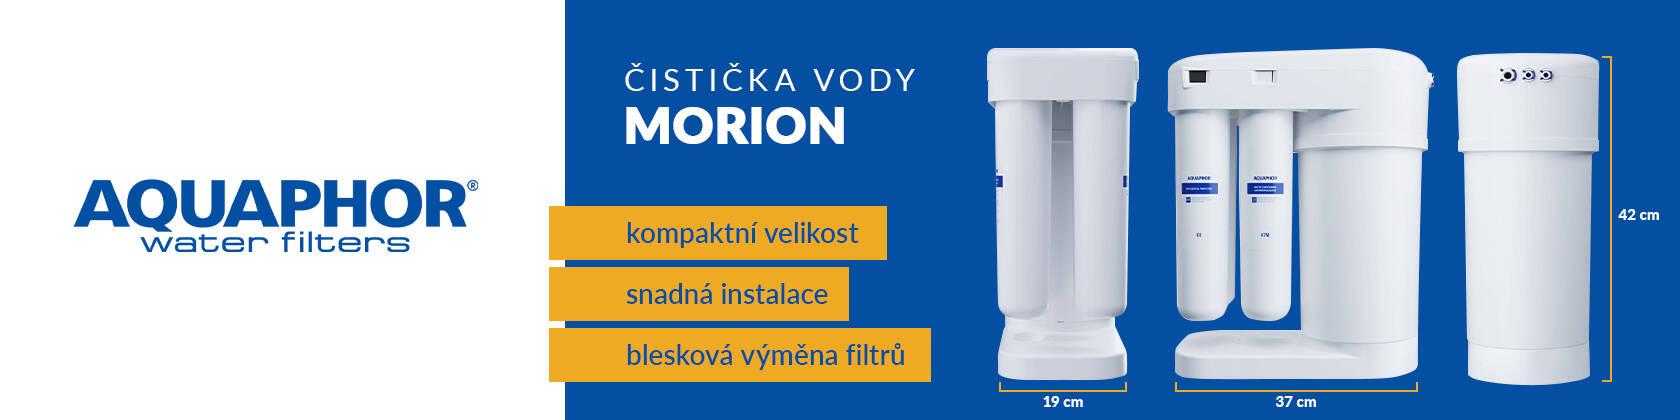 Aquaphor Morion